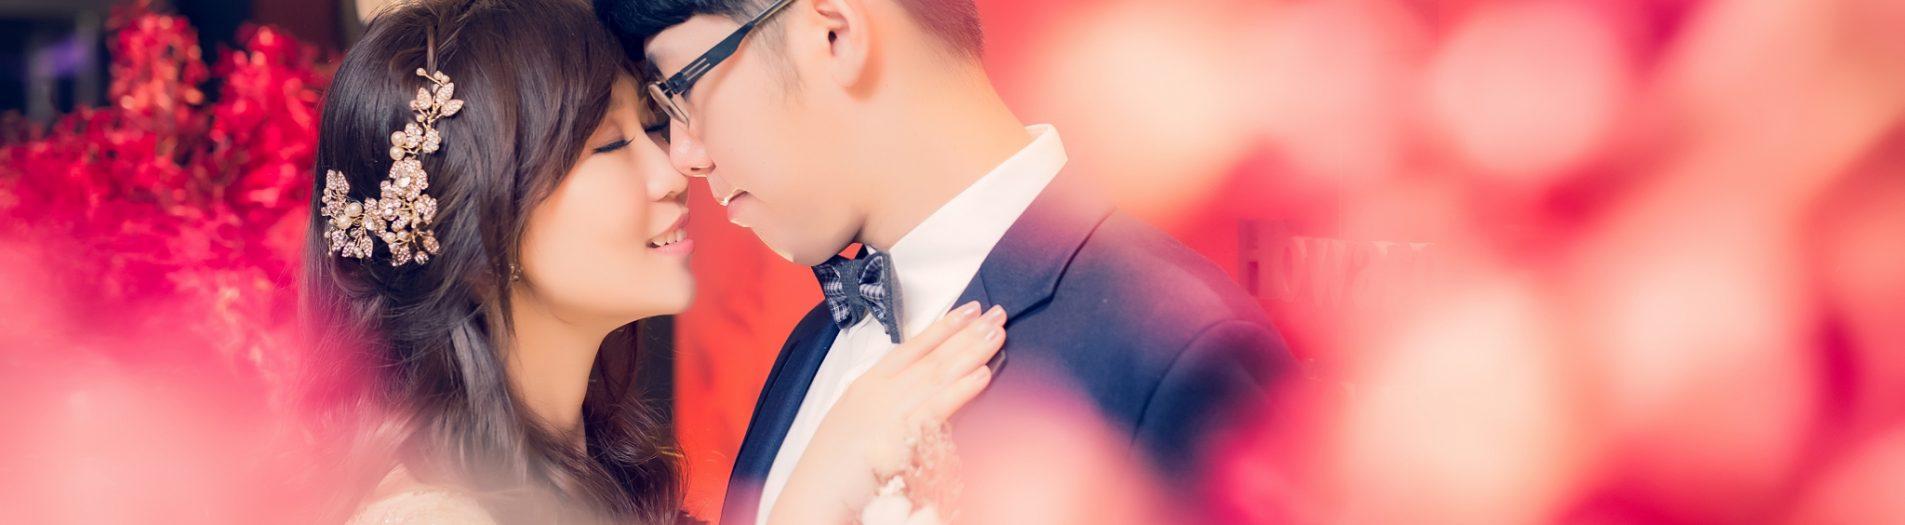 台北婚攝|婚禮紀錄  Howard+Abby  台北福華蓬萊邨